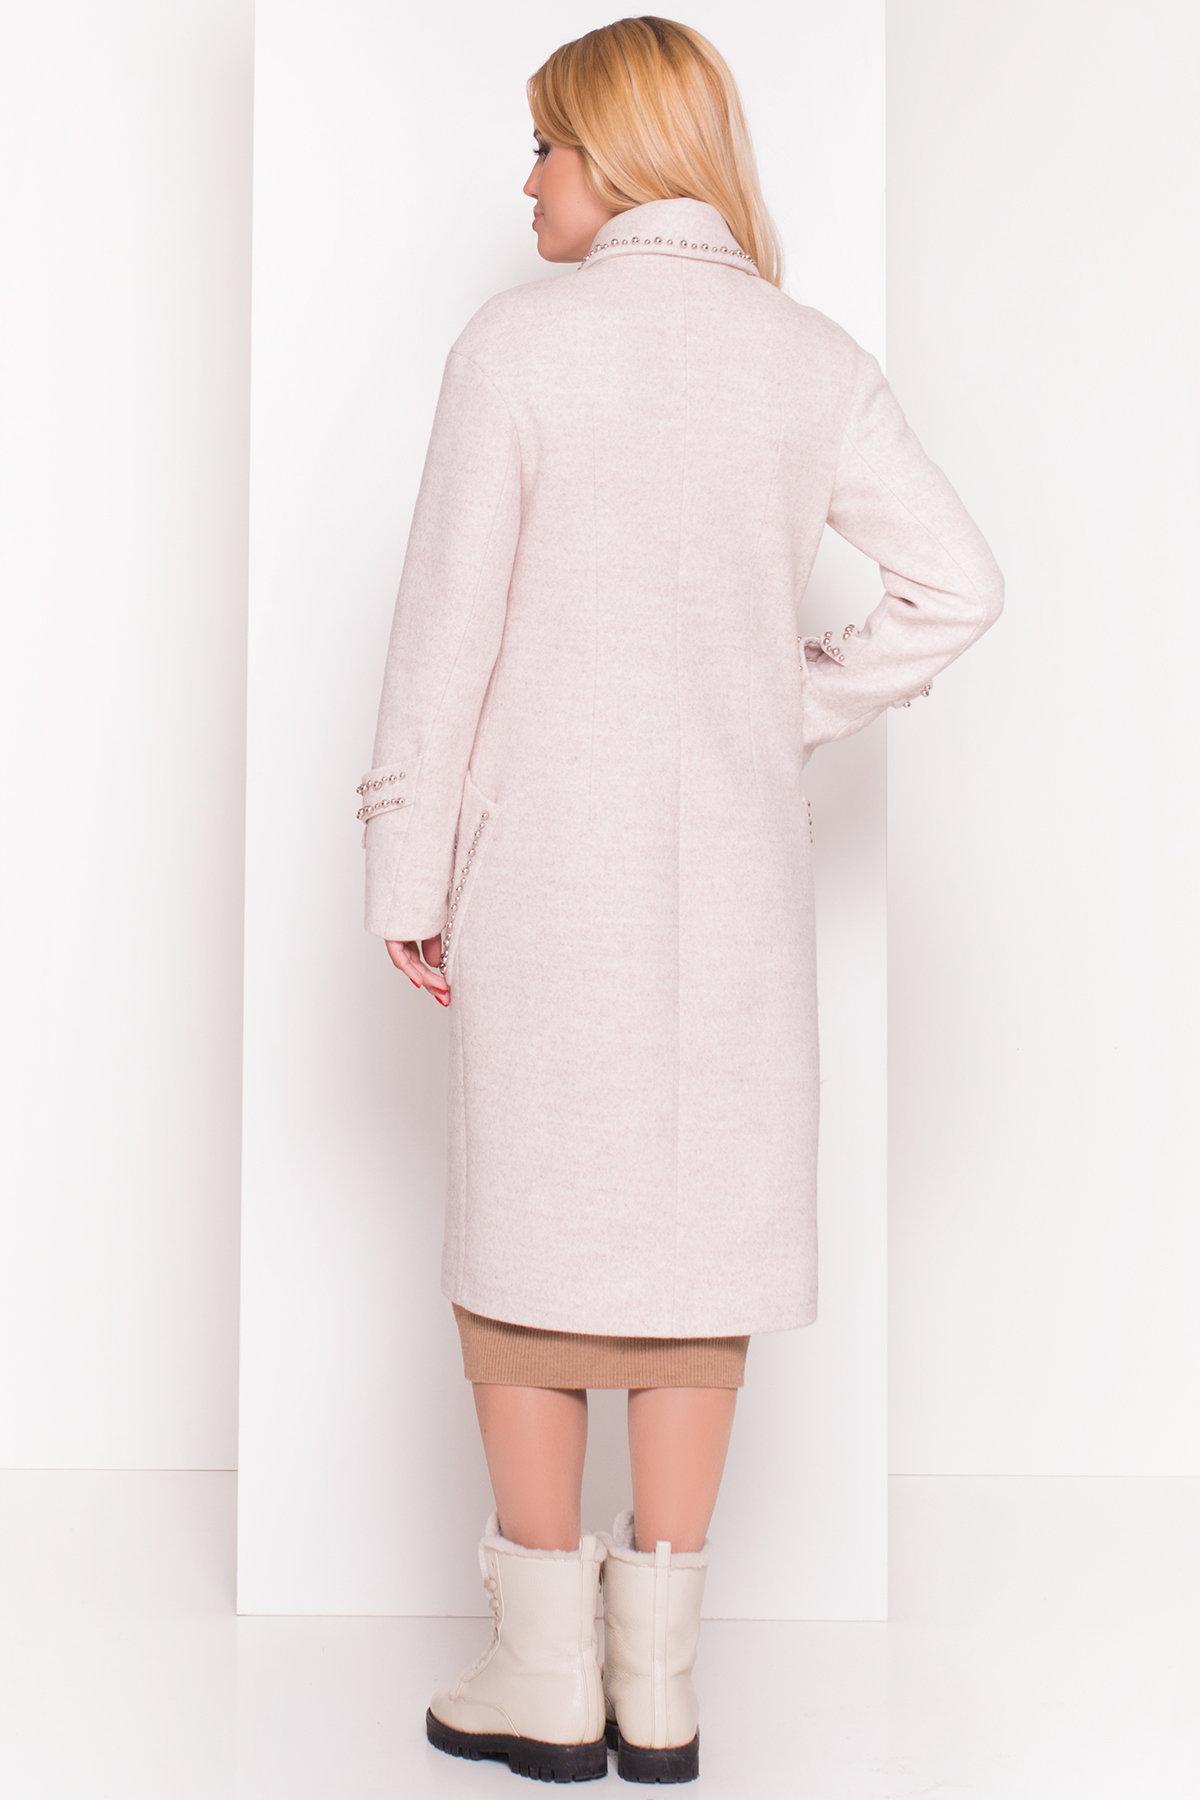 Кашемировое демисезонное пальто с декором Алина 5248 АРТ. 36621 Цвет: Бежевый - фото 5, интернет магазин tm-modus.ru